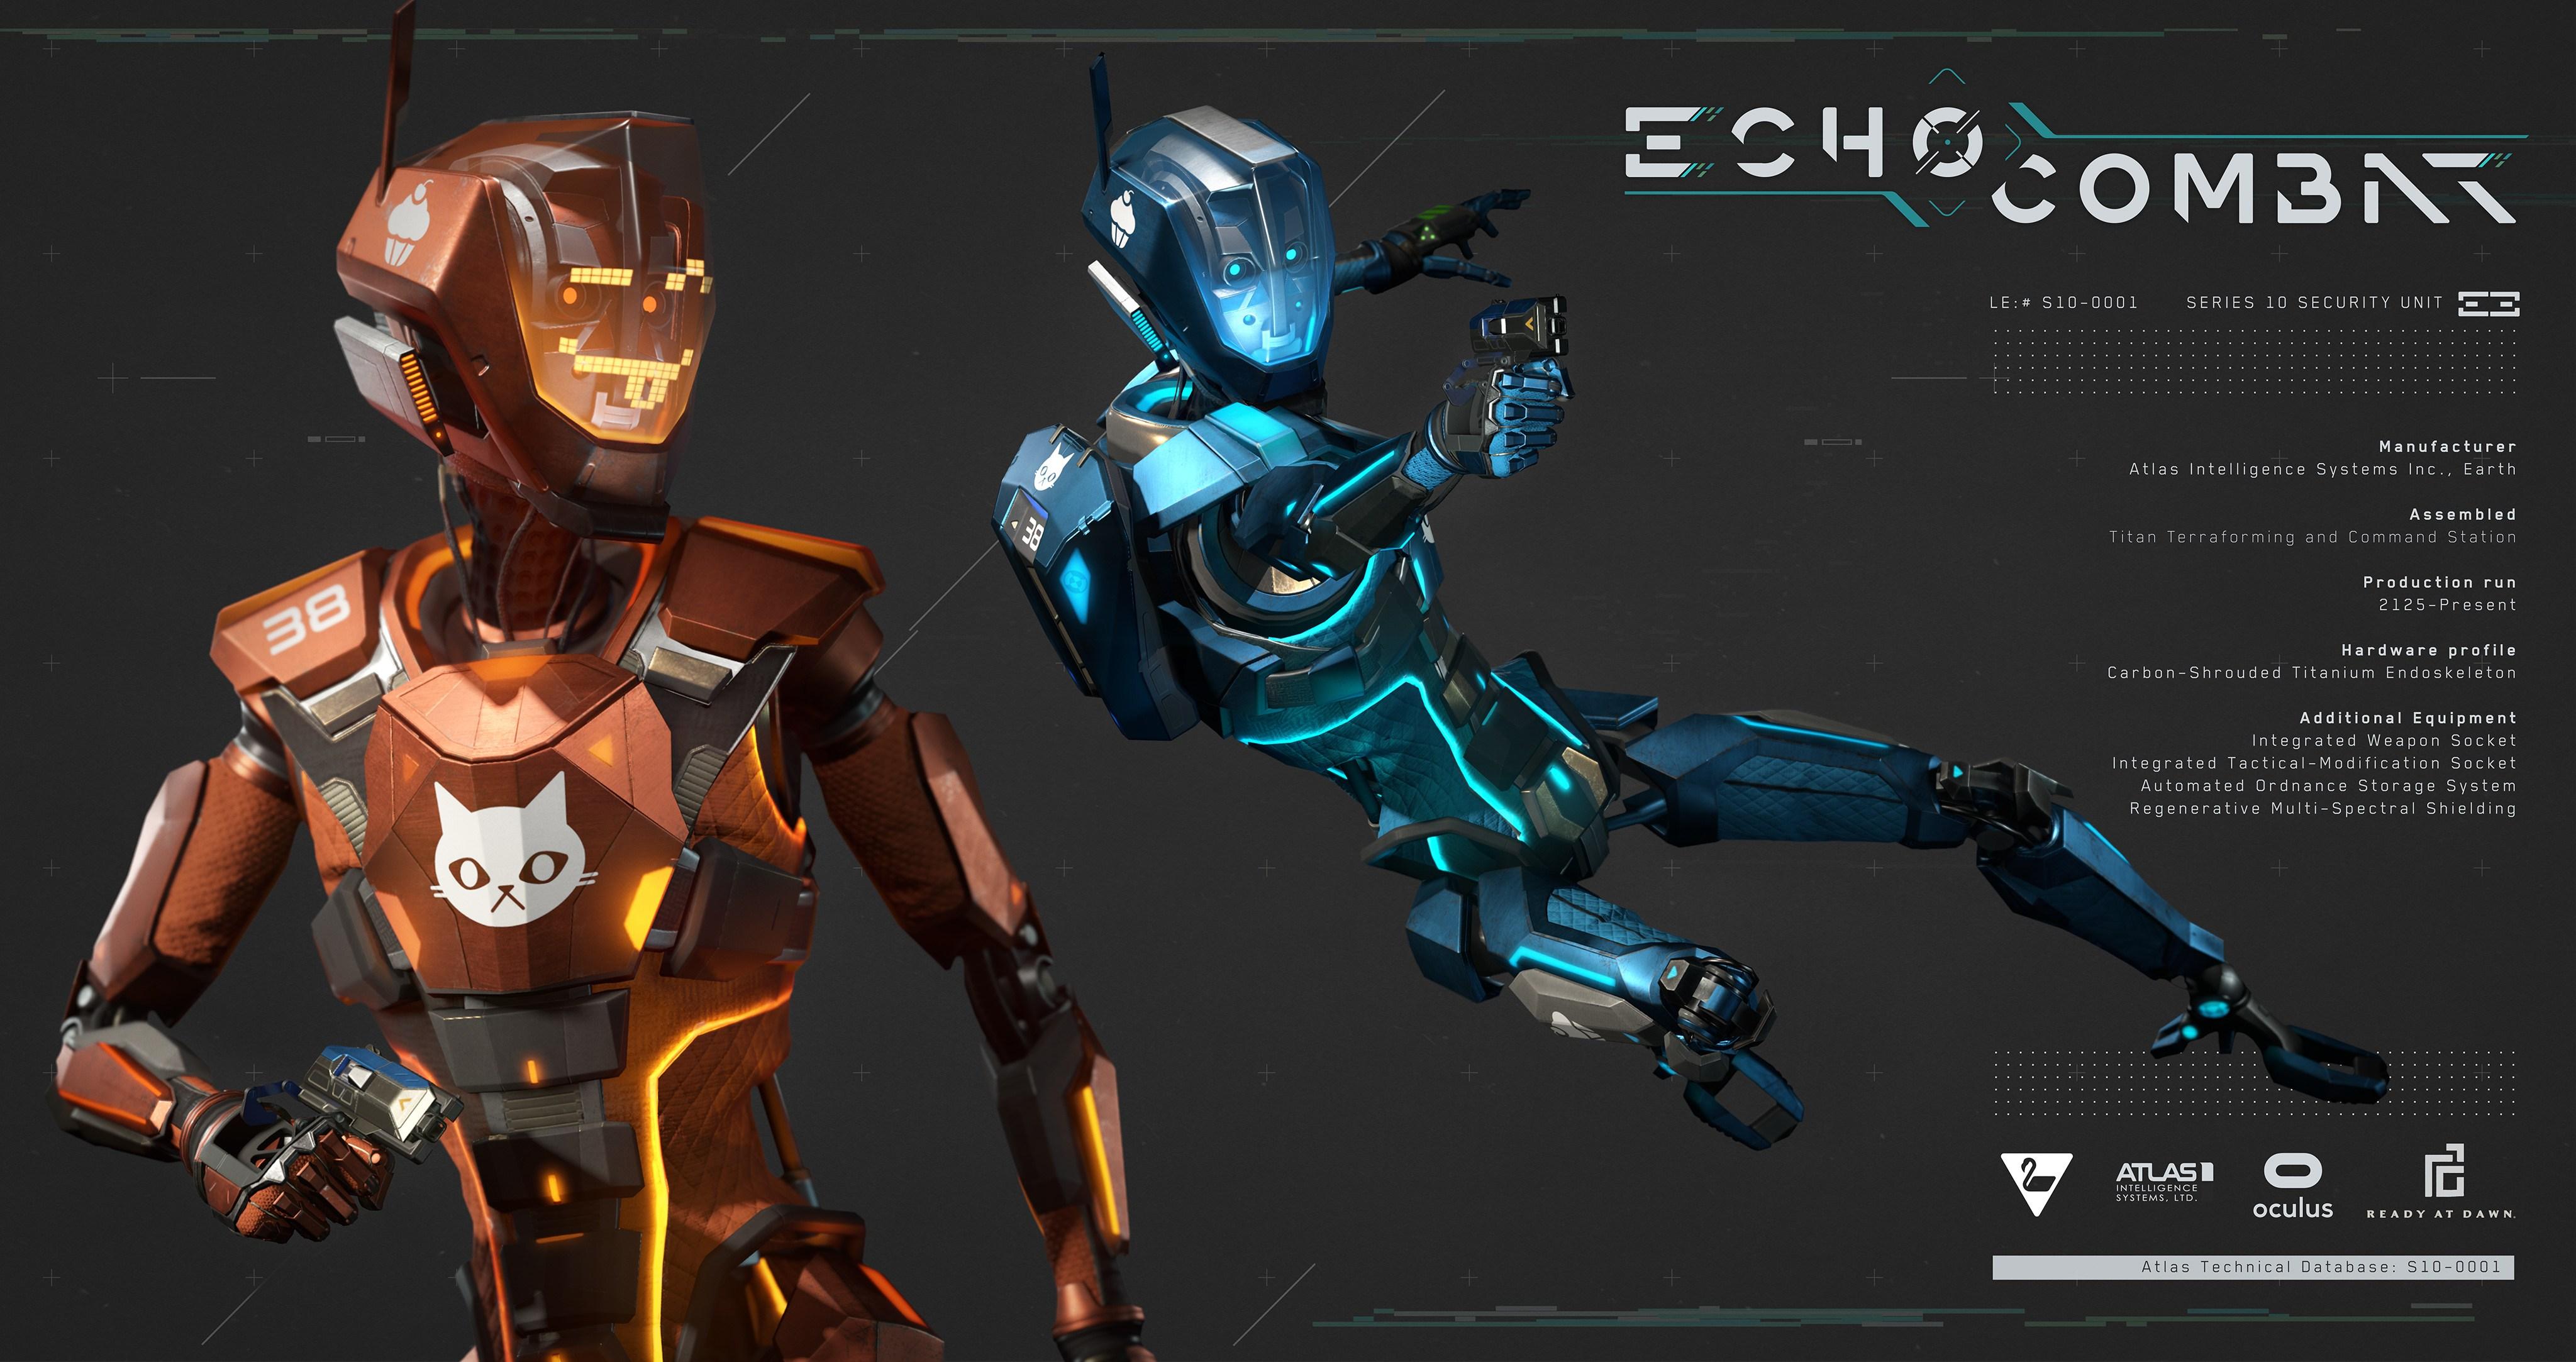 Minden amit az Echo Combat megjelenéséről tudnod kell